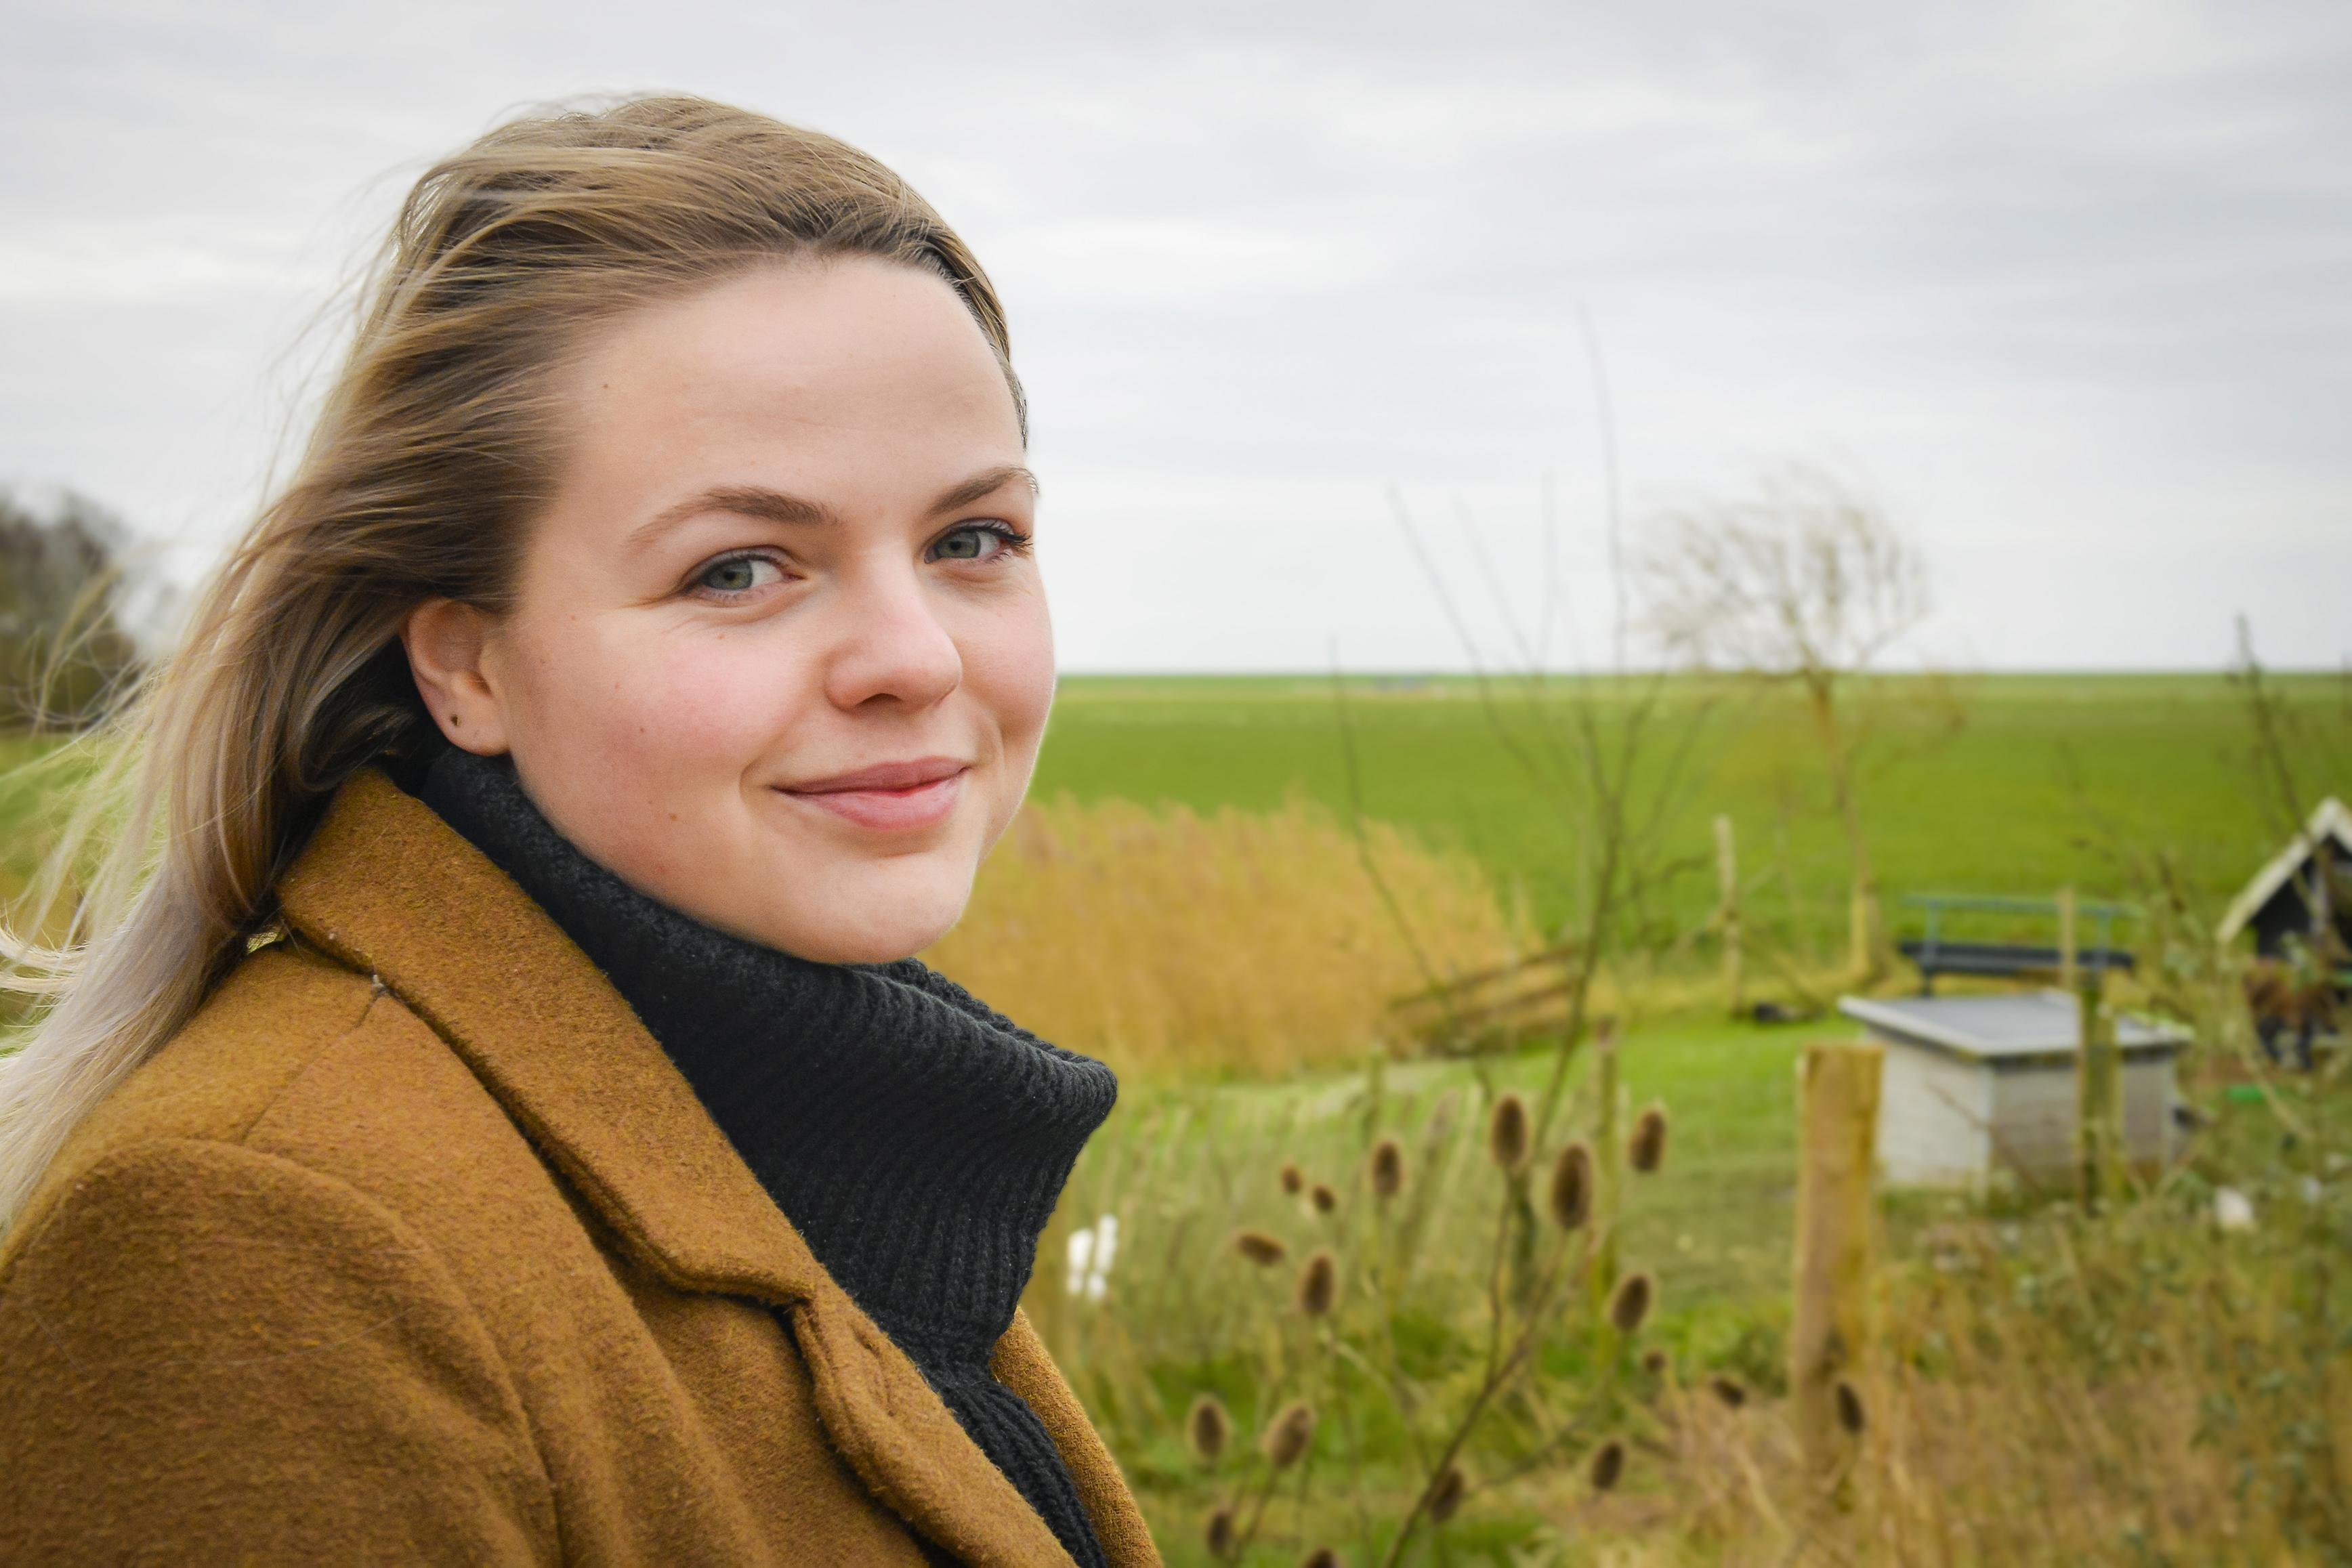 Texelse Maaike (21) is student en werkt op de covid-afdeling. Ze verlangt naar het oude studentenleven, maar ziet ook mensen doodgaan. 'Corona moet je serieus nemen. Deze zorg is next level'